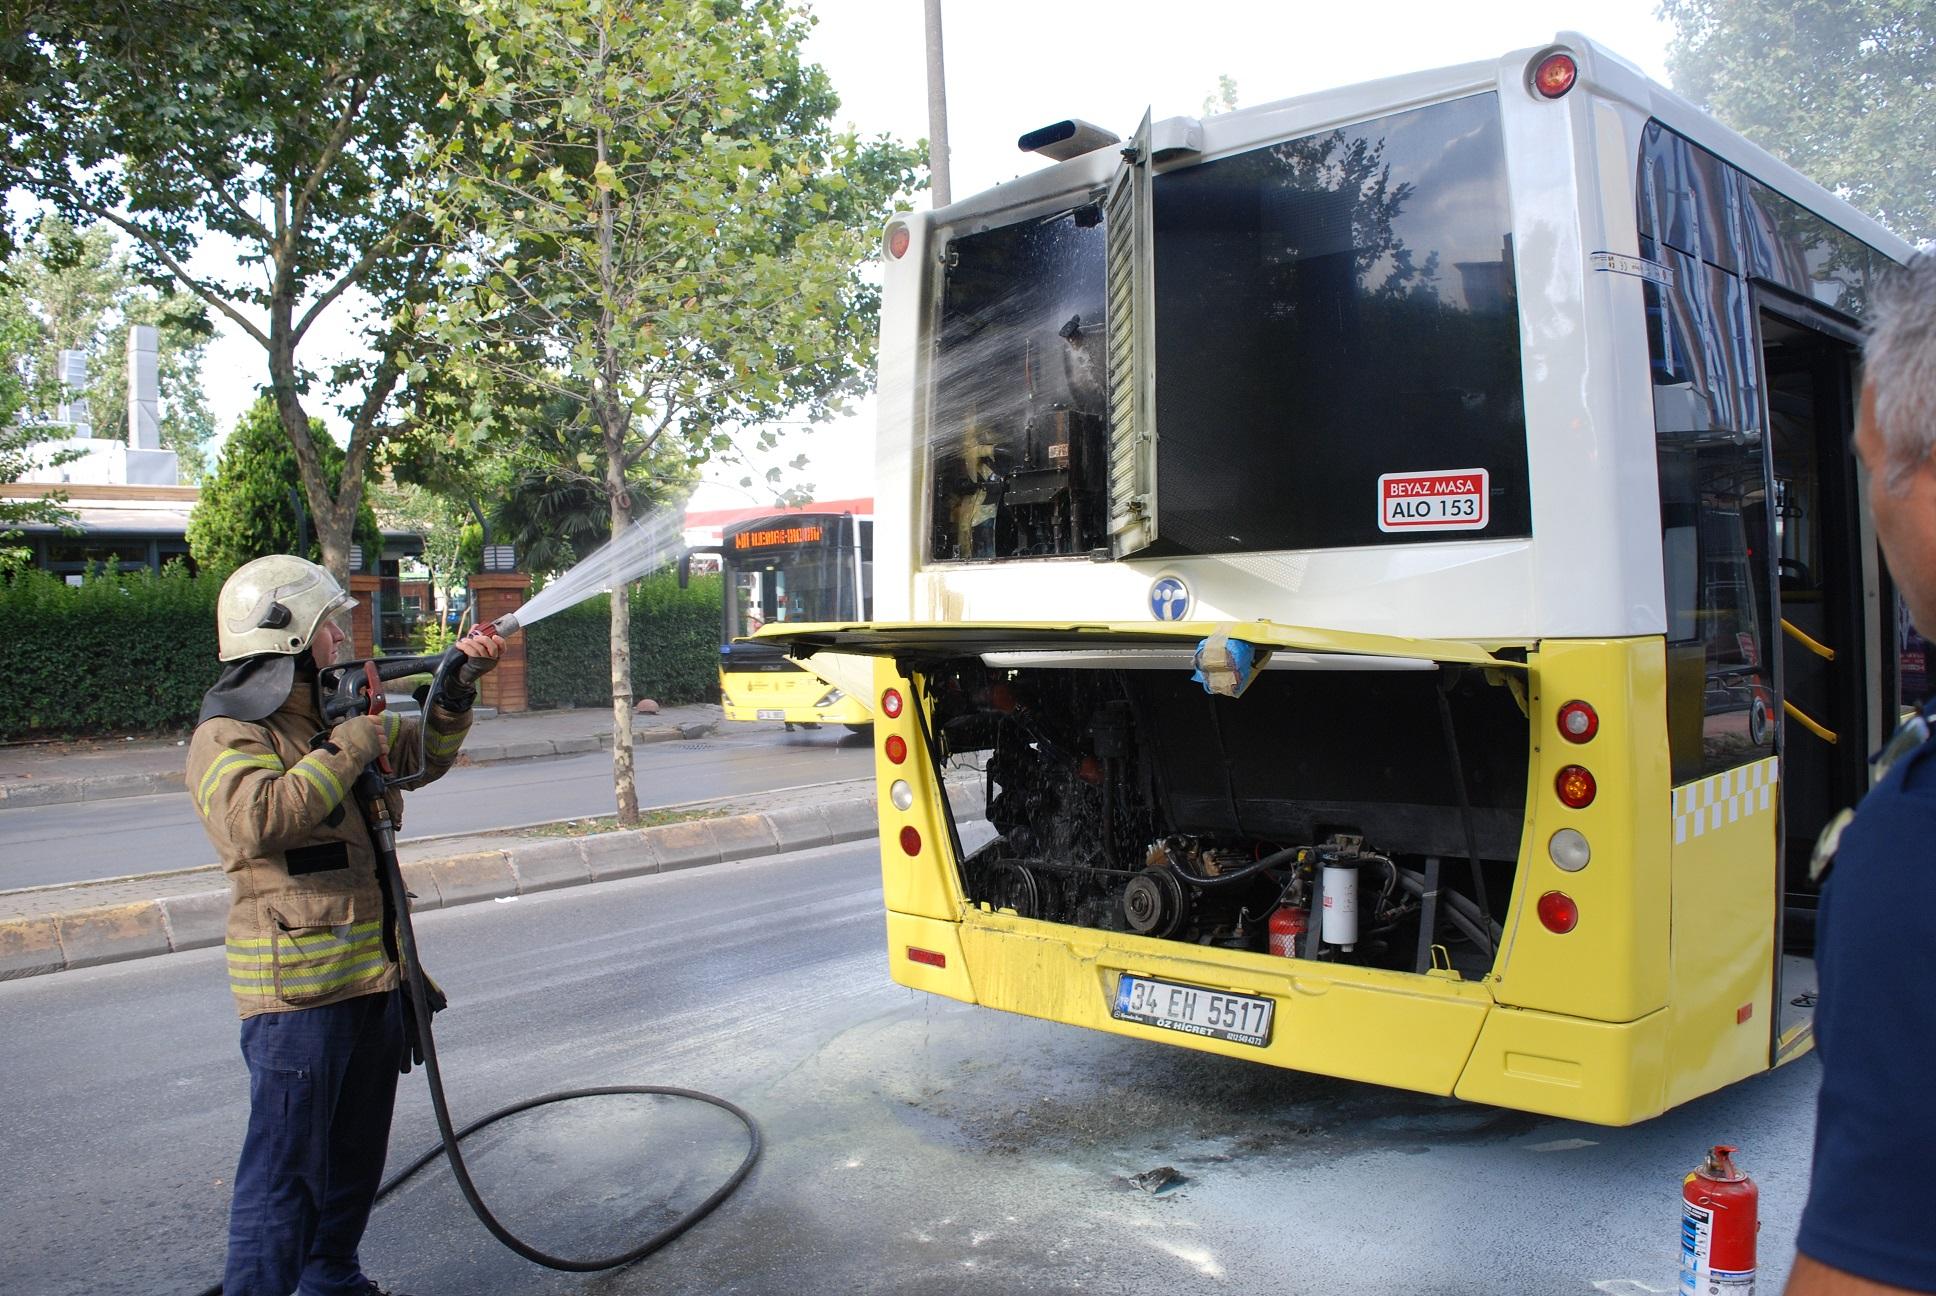 Belediye otobüsünde yangın paniği! Yolcular neye uğradığını şaşırdı